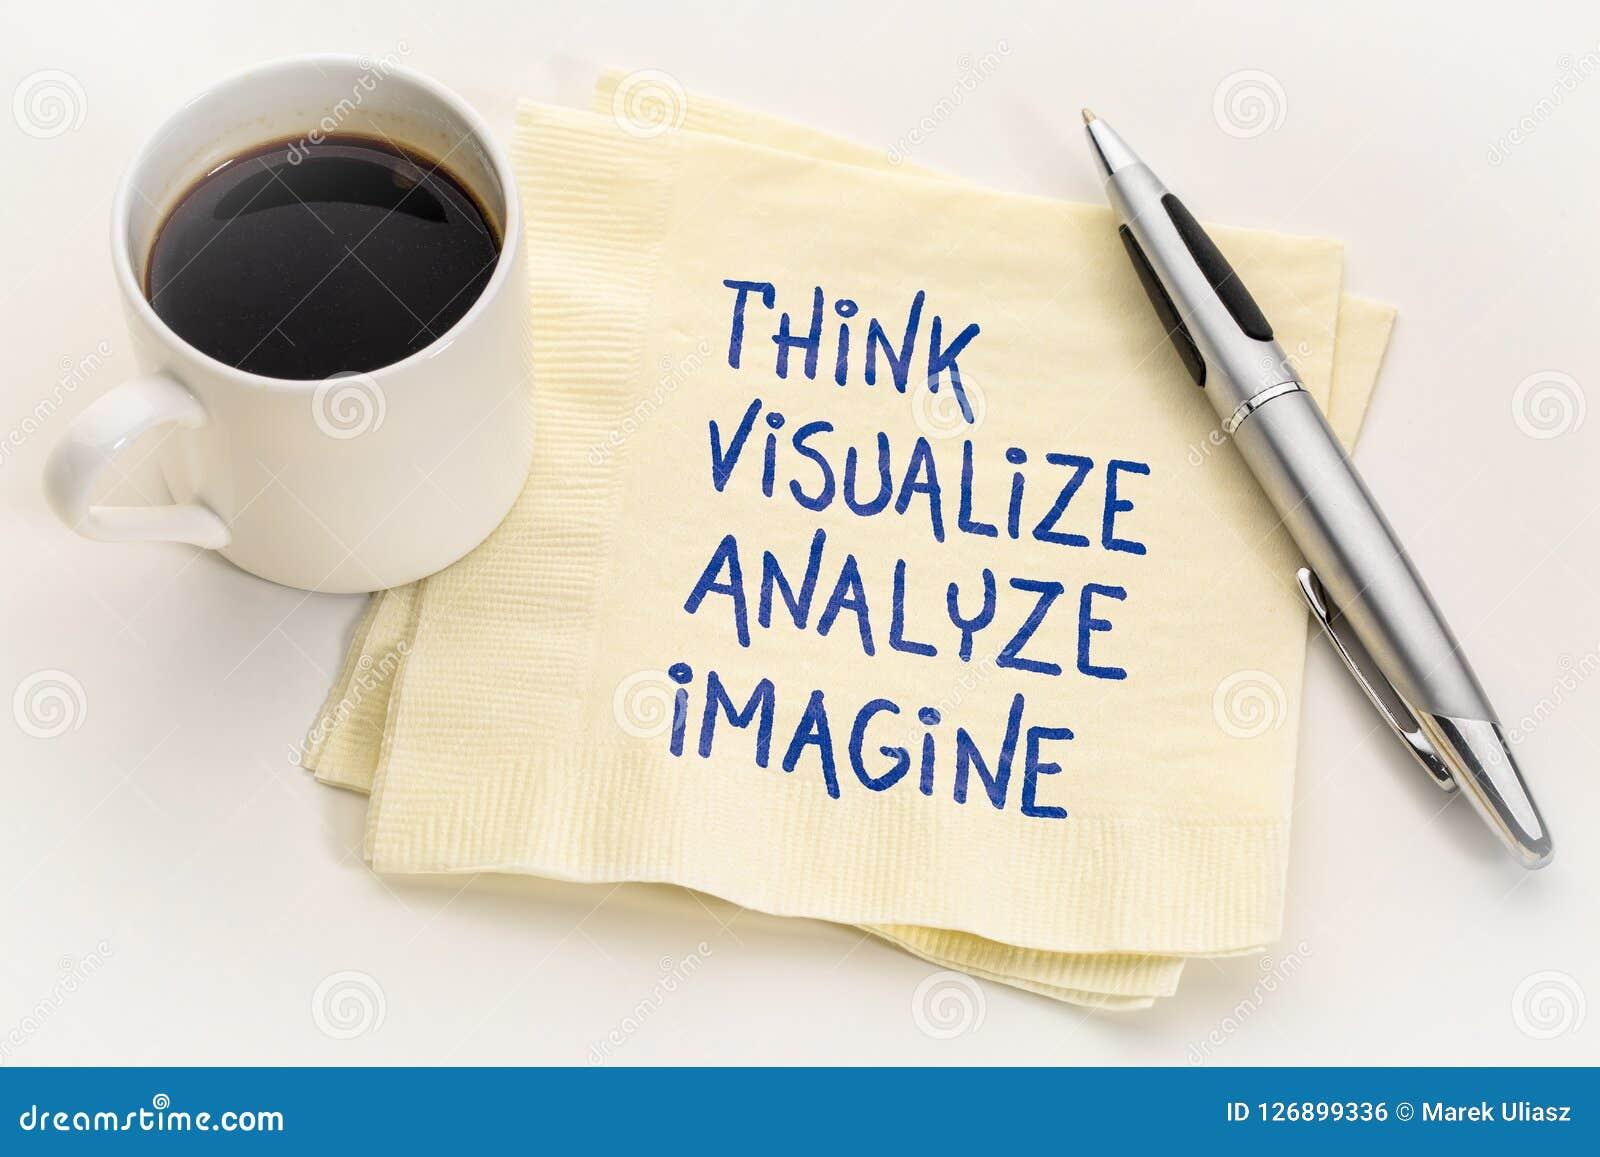 Σκεφτείτε, απεικονίστε, αναλύστε και φανταστείτε